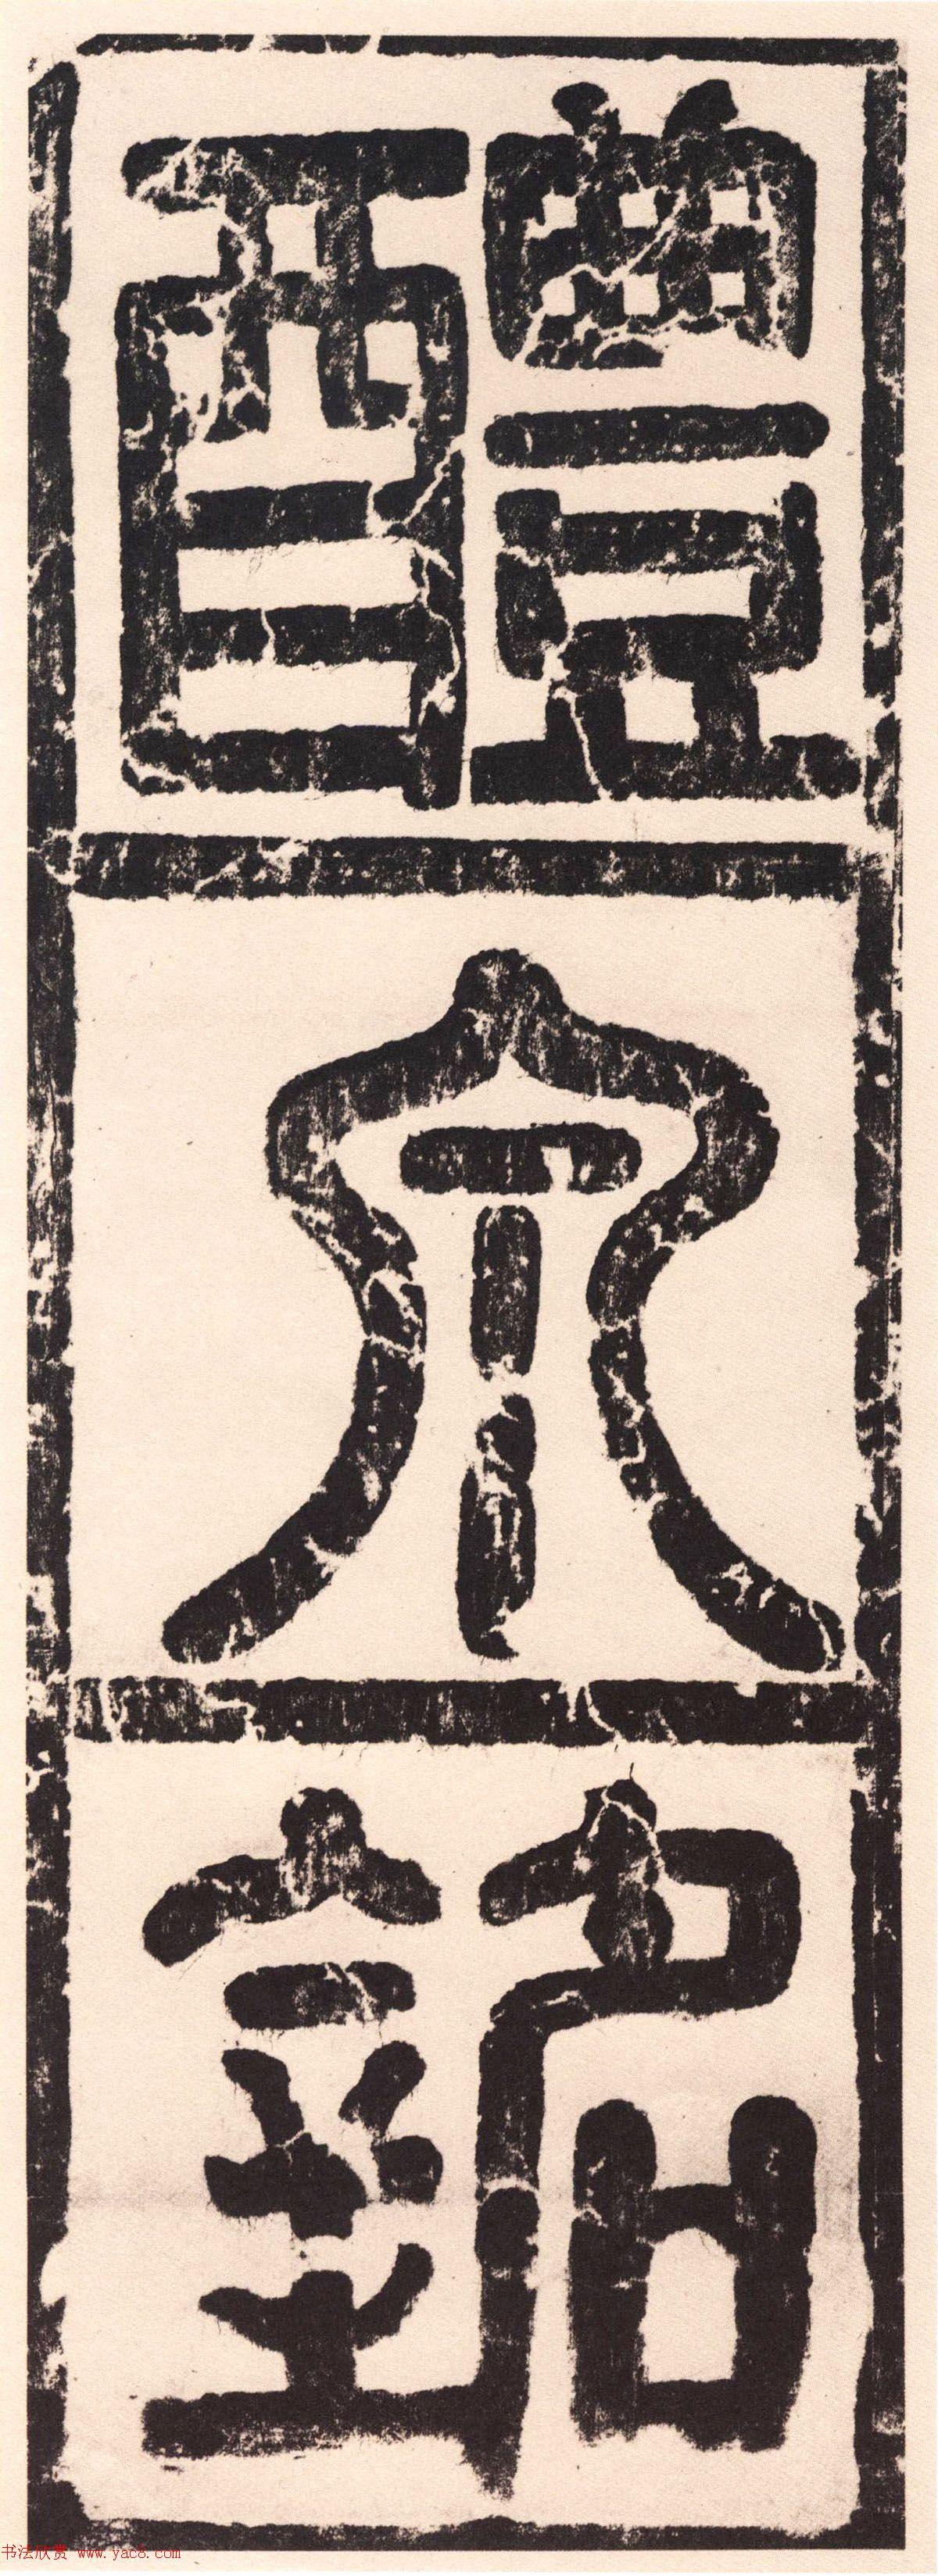 欧阳询《九成宫醴泉铭》日本端方(三井)旧藏本